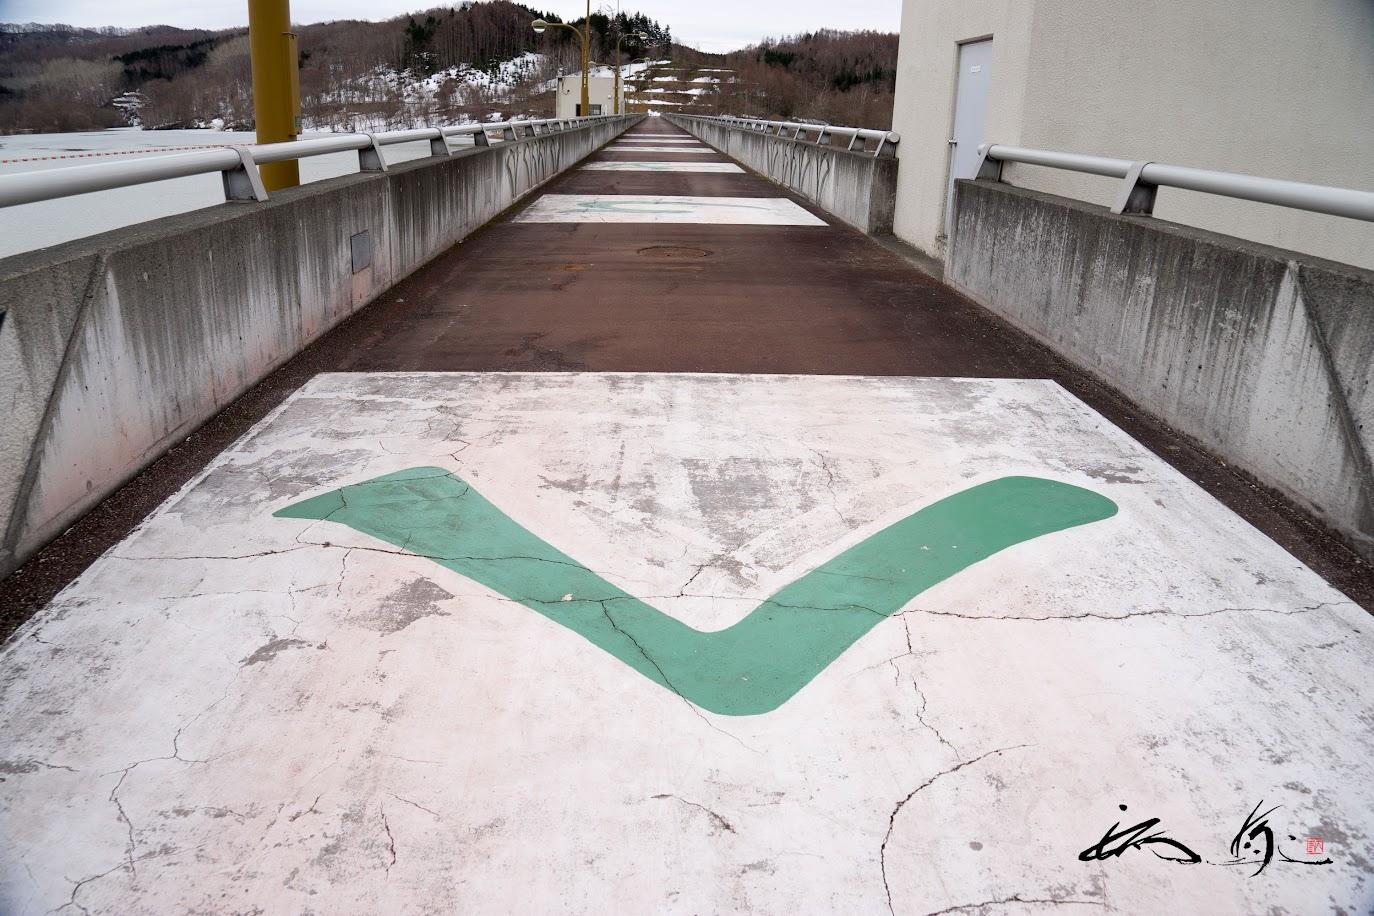 栗山ダム天端道路に書かれたくりやまの文字